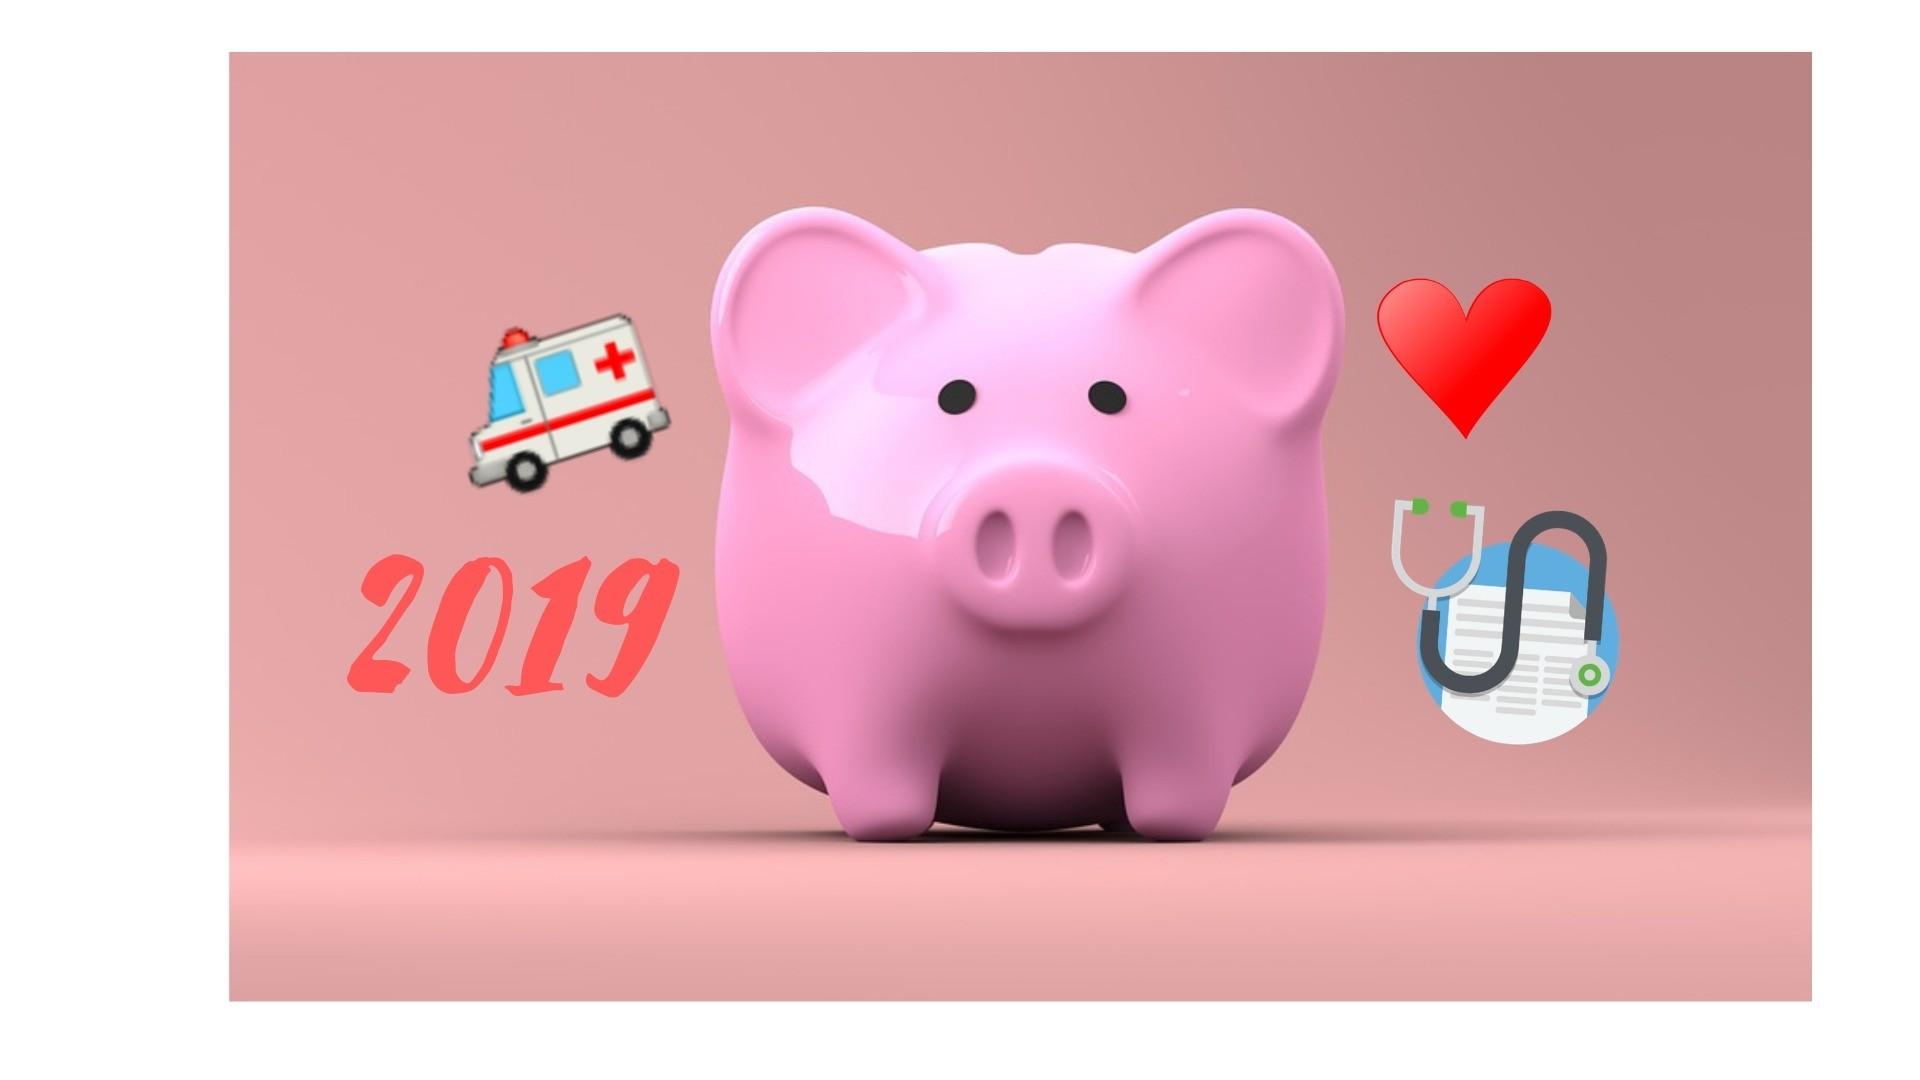 Гадание: каким будет твое здоровье в 2019 году?